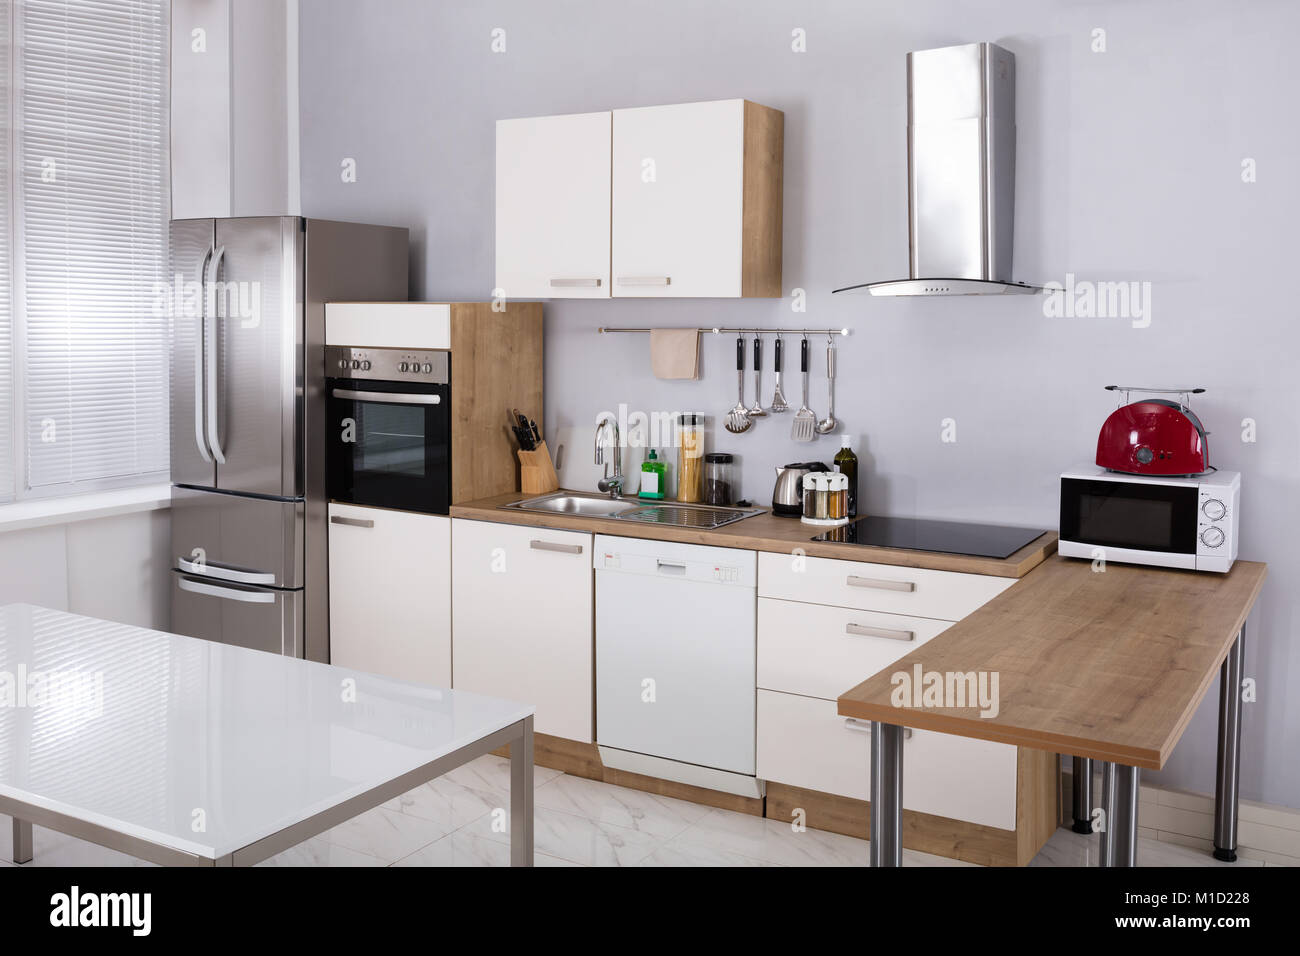 Kitchen Appliances Electrical Stock Photos & Kitchen Appliances ...